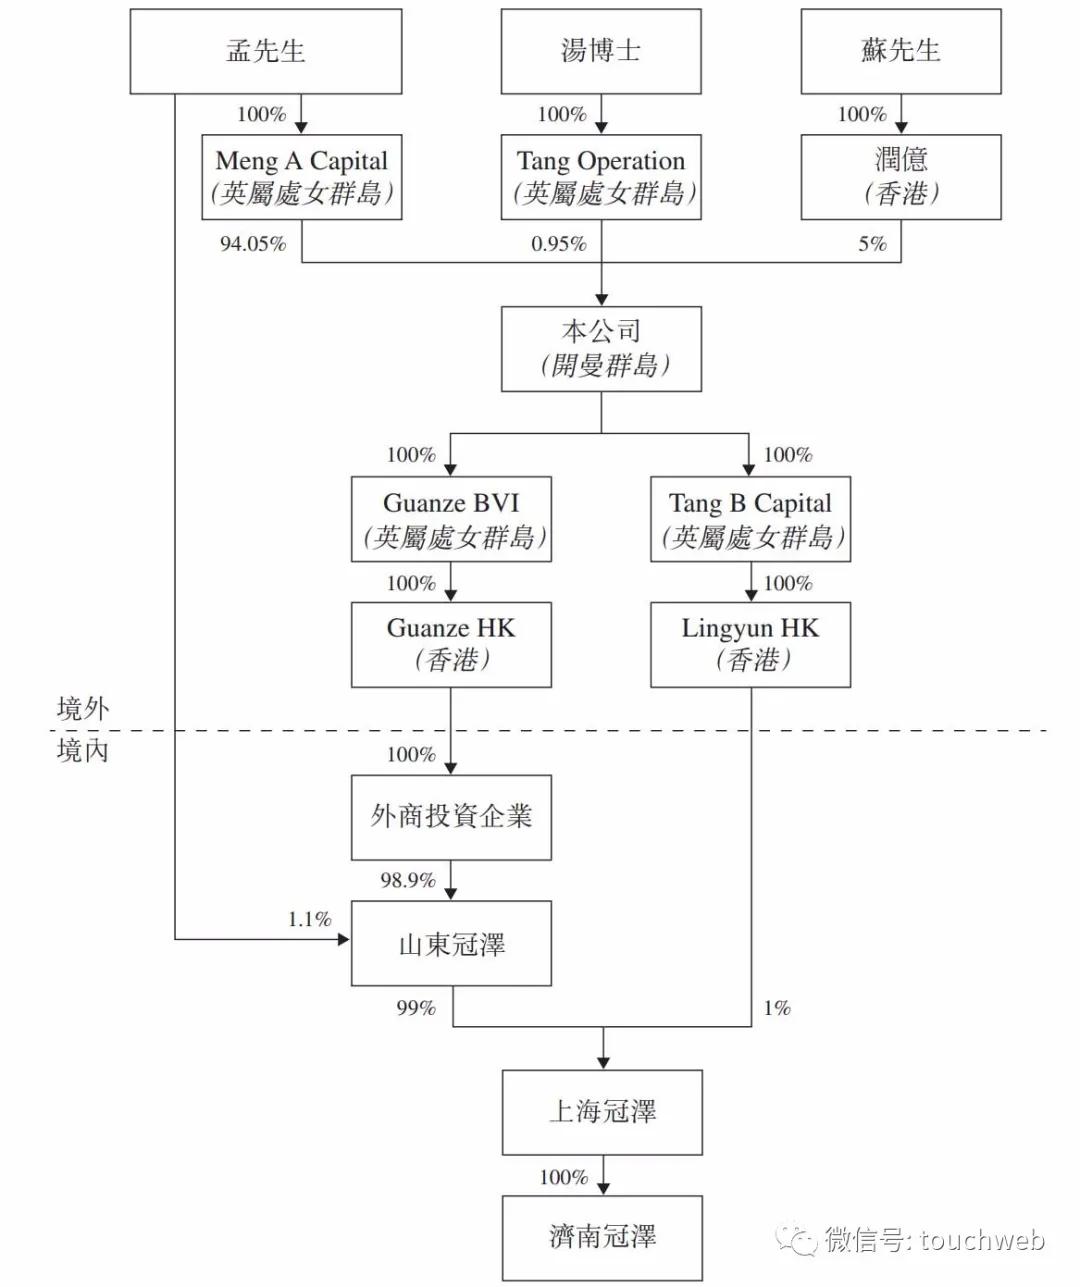 冠泽医疗冲刺港股:年营收1.8亿 孟宪震持股94%